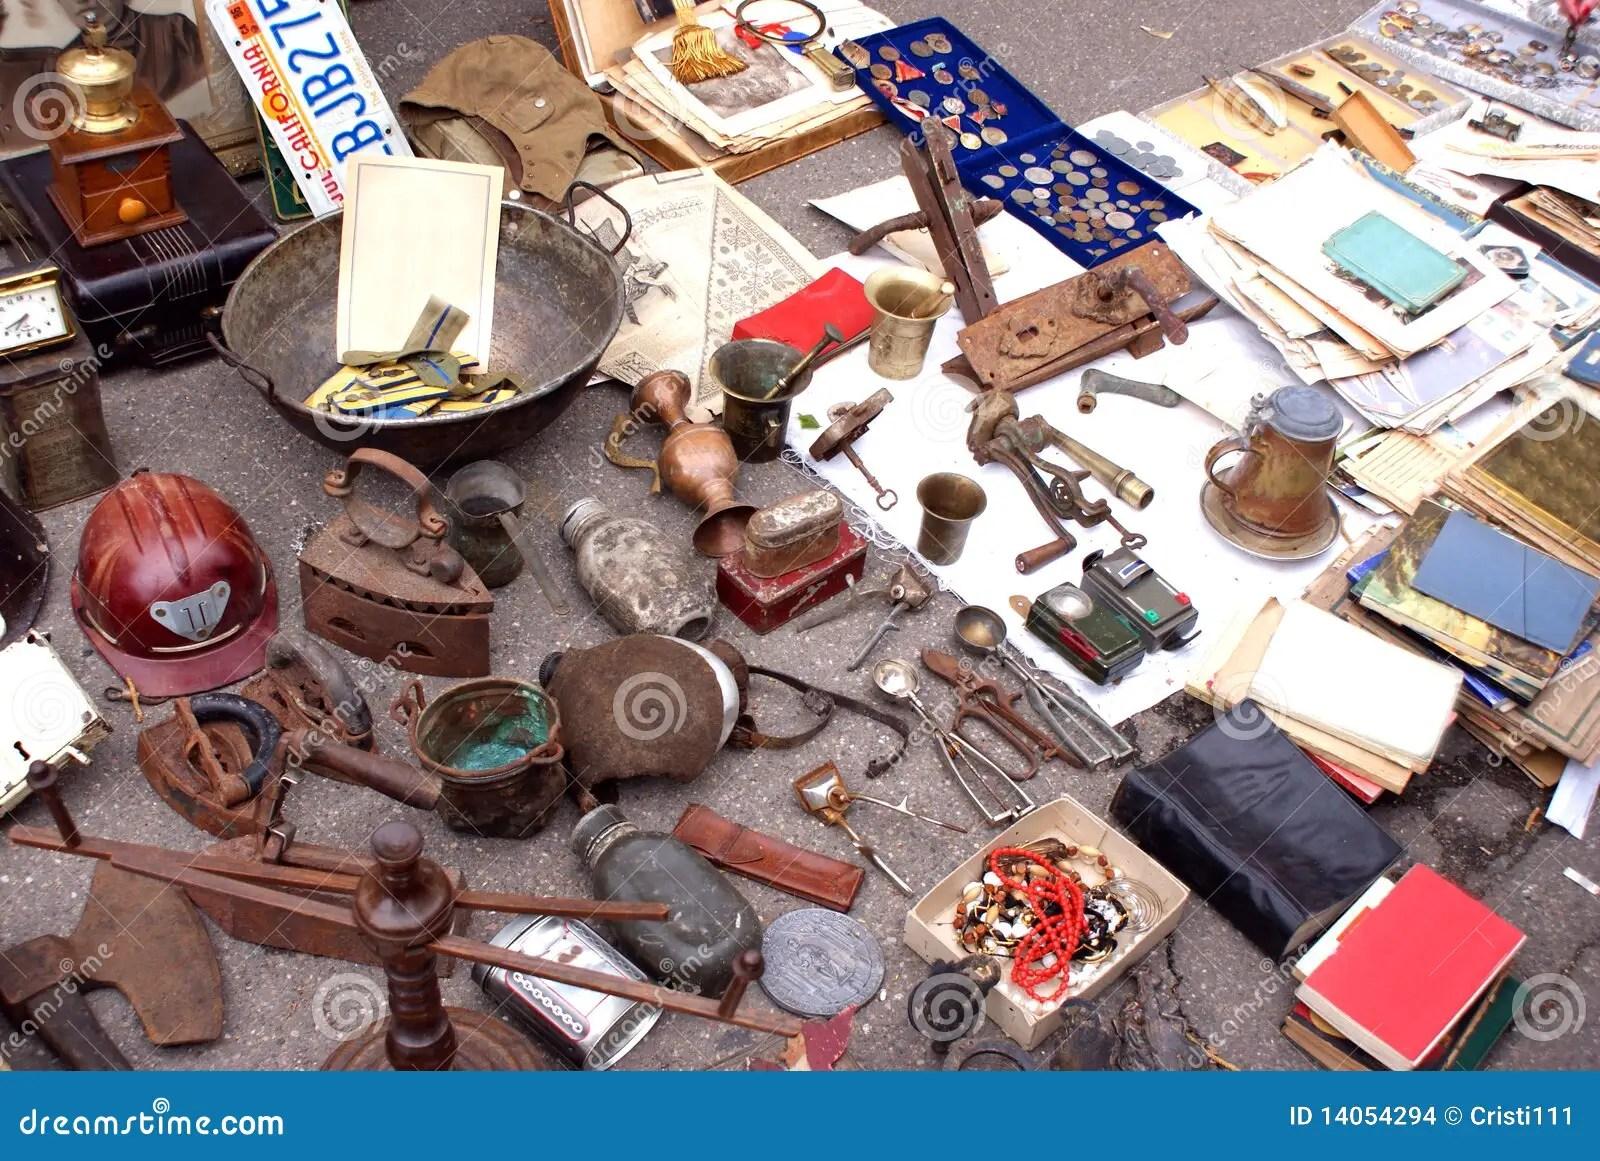 antiquites a vendre photo stock image du vendre antiquites 14054294